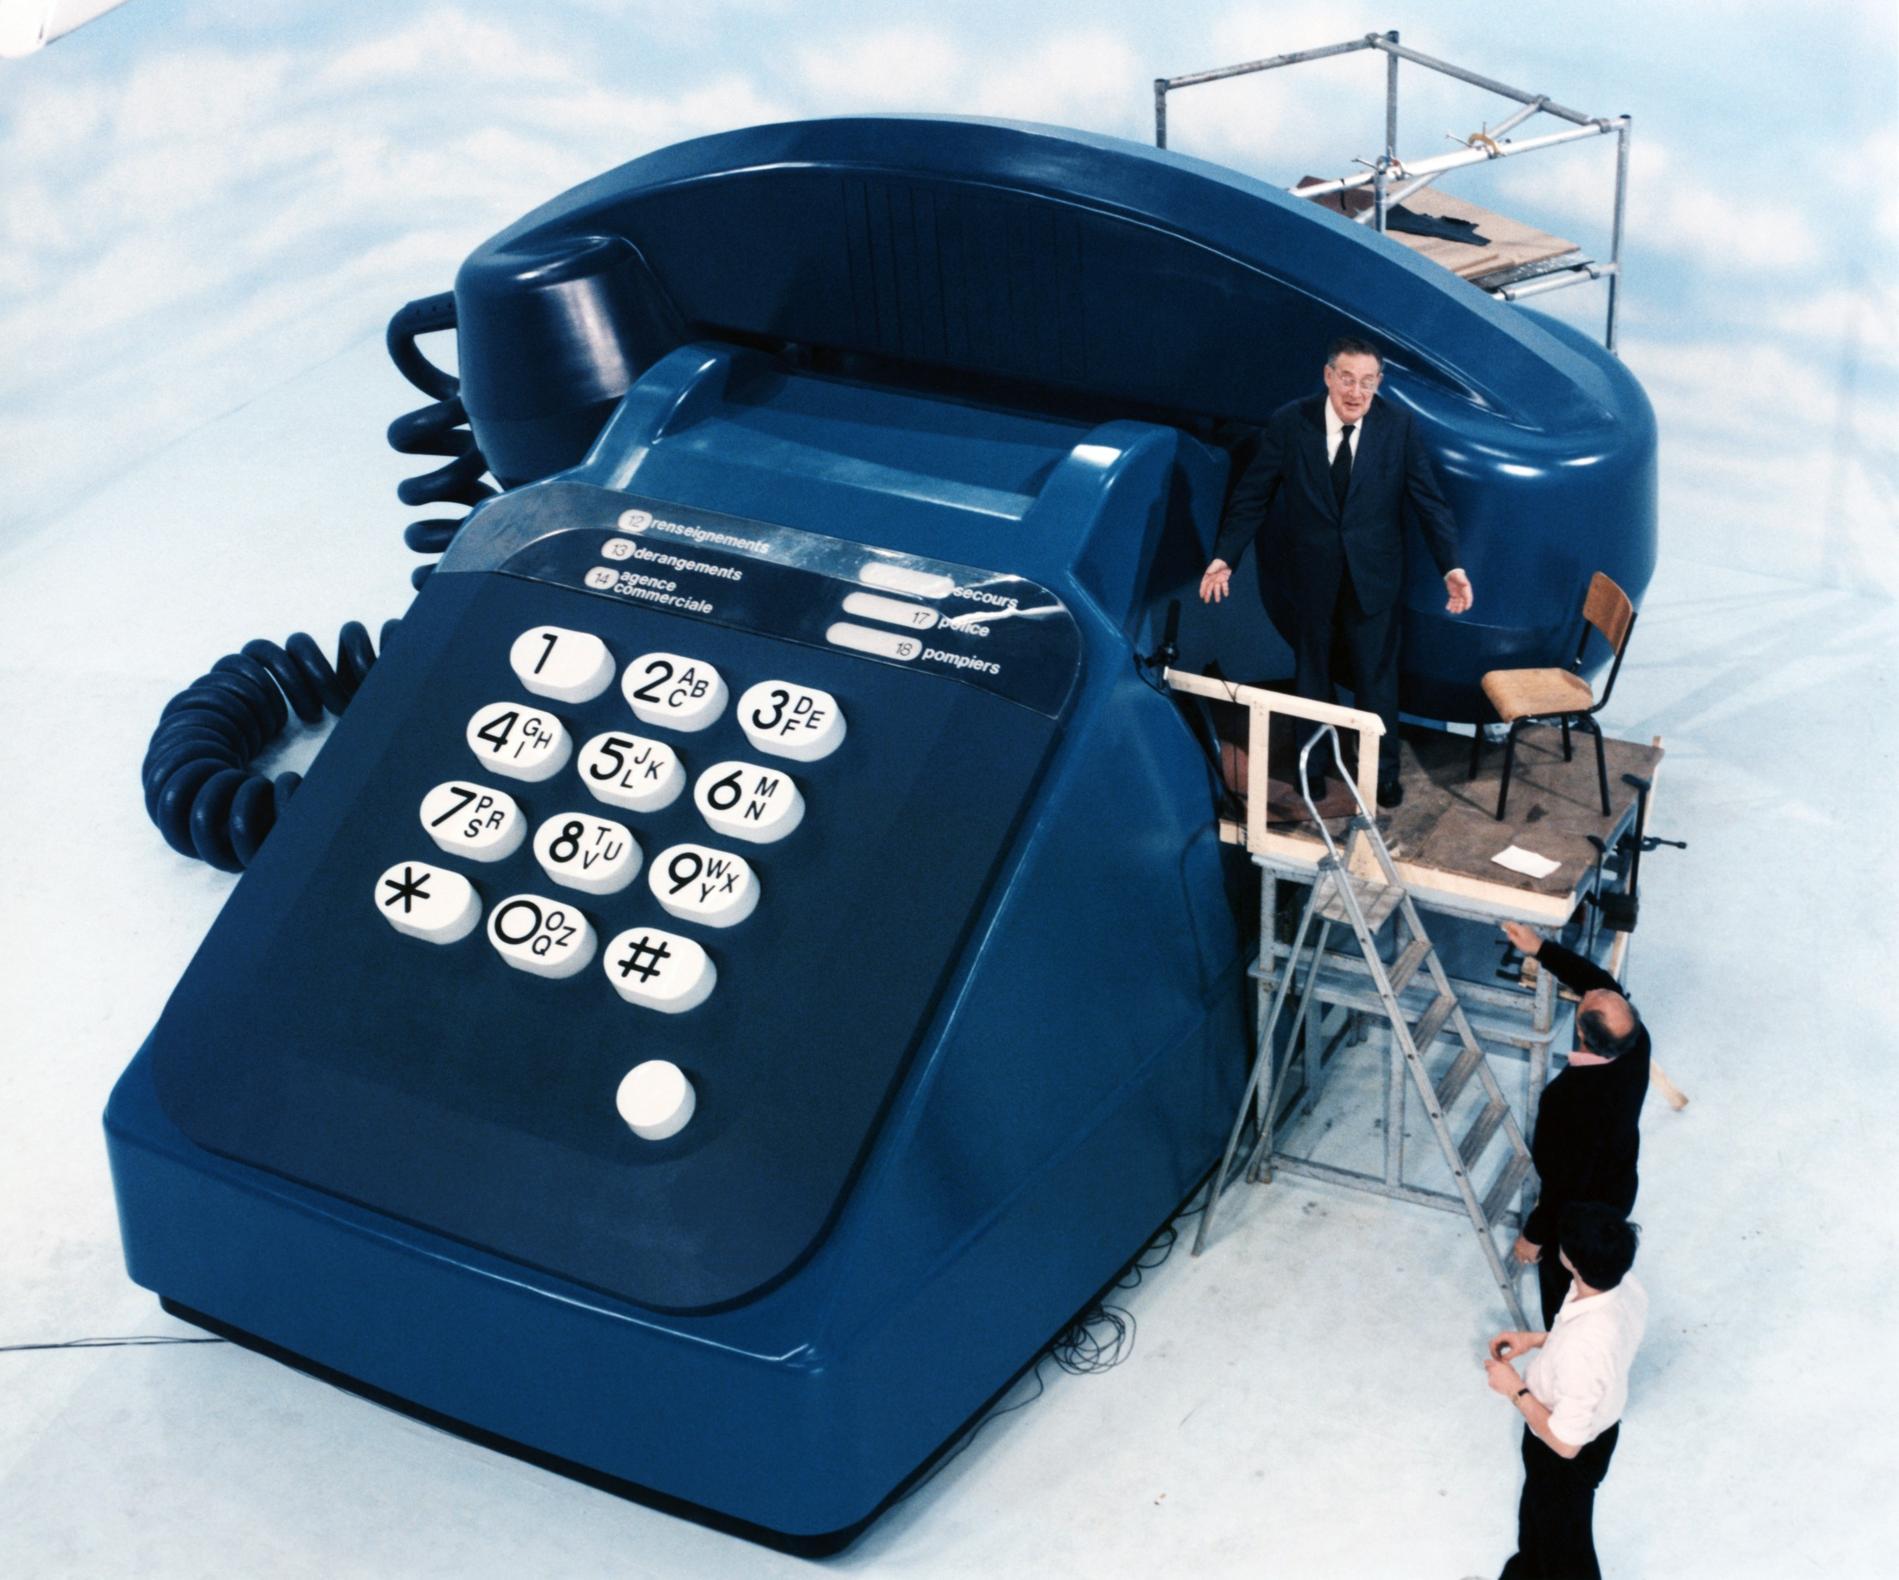 Acme datant numéro de téléphone